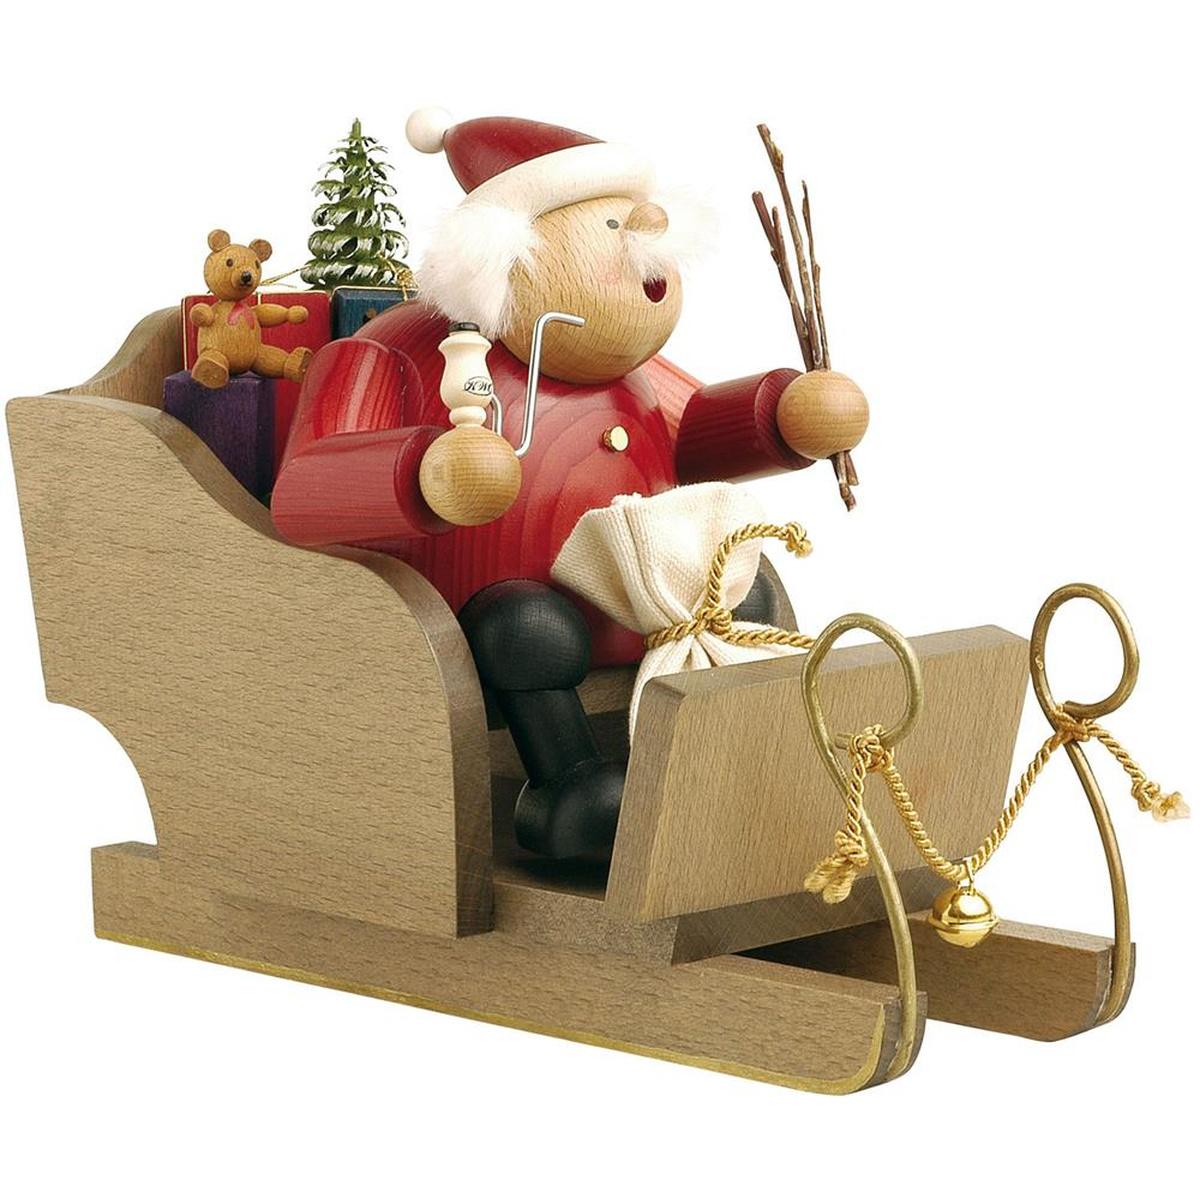 r ucherm nnchen weihnachtsmann mit schlitten von kwo f r. Black Bedroom Furniture Sets. Home Design Ideas